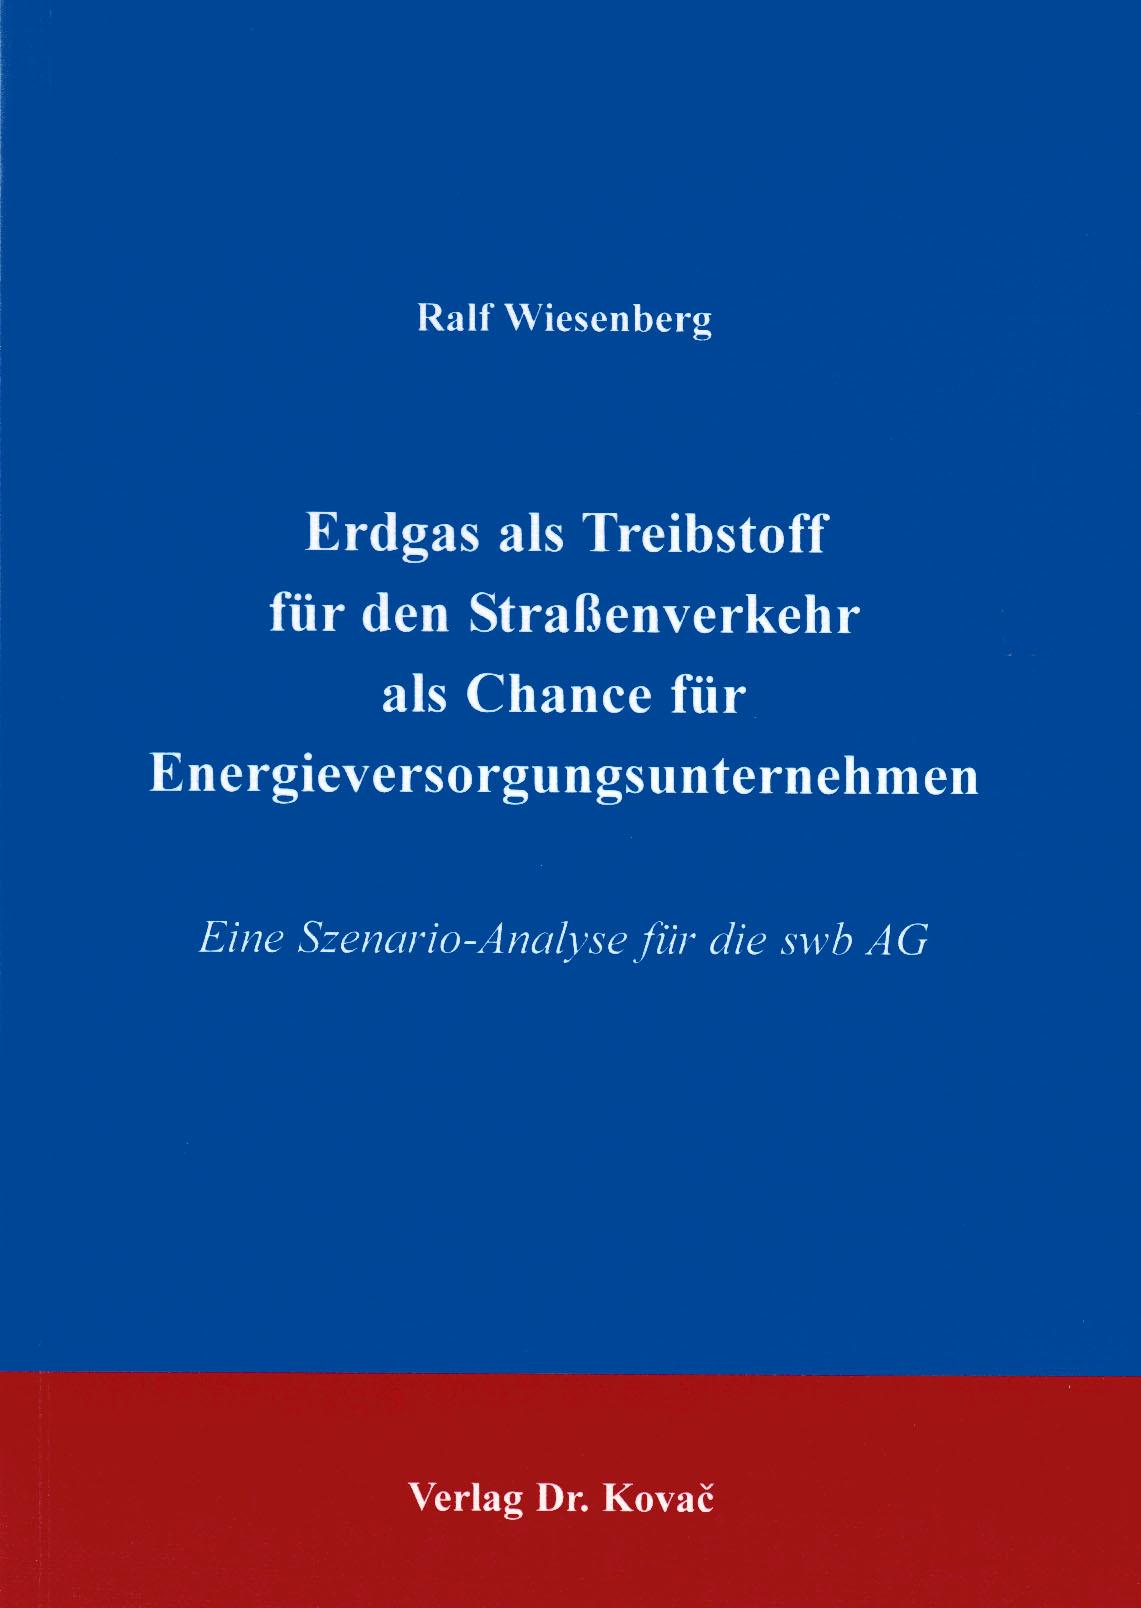 Cover: Erdgas als Treibstoff für den Straßenverkehr als Chance für Energieversorgungsunternehmen